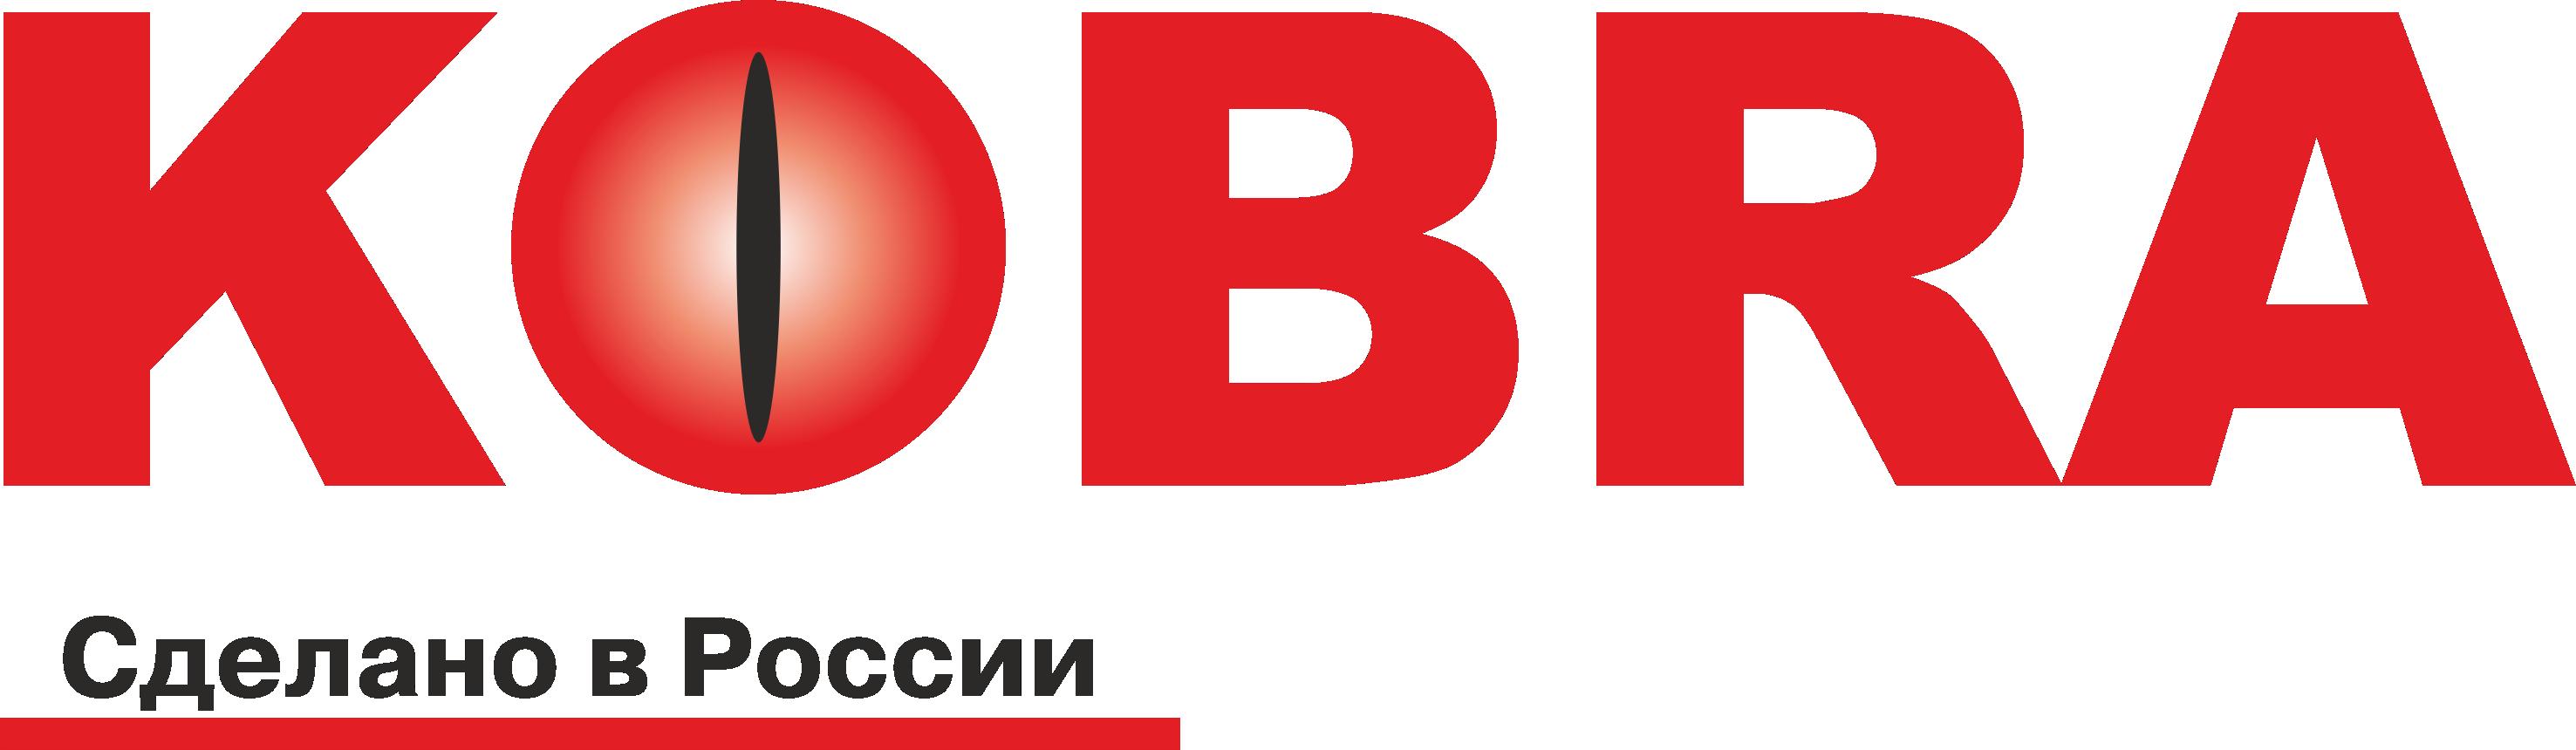 KOBRA-Visier Logo